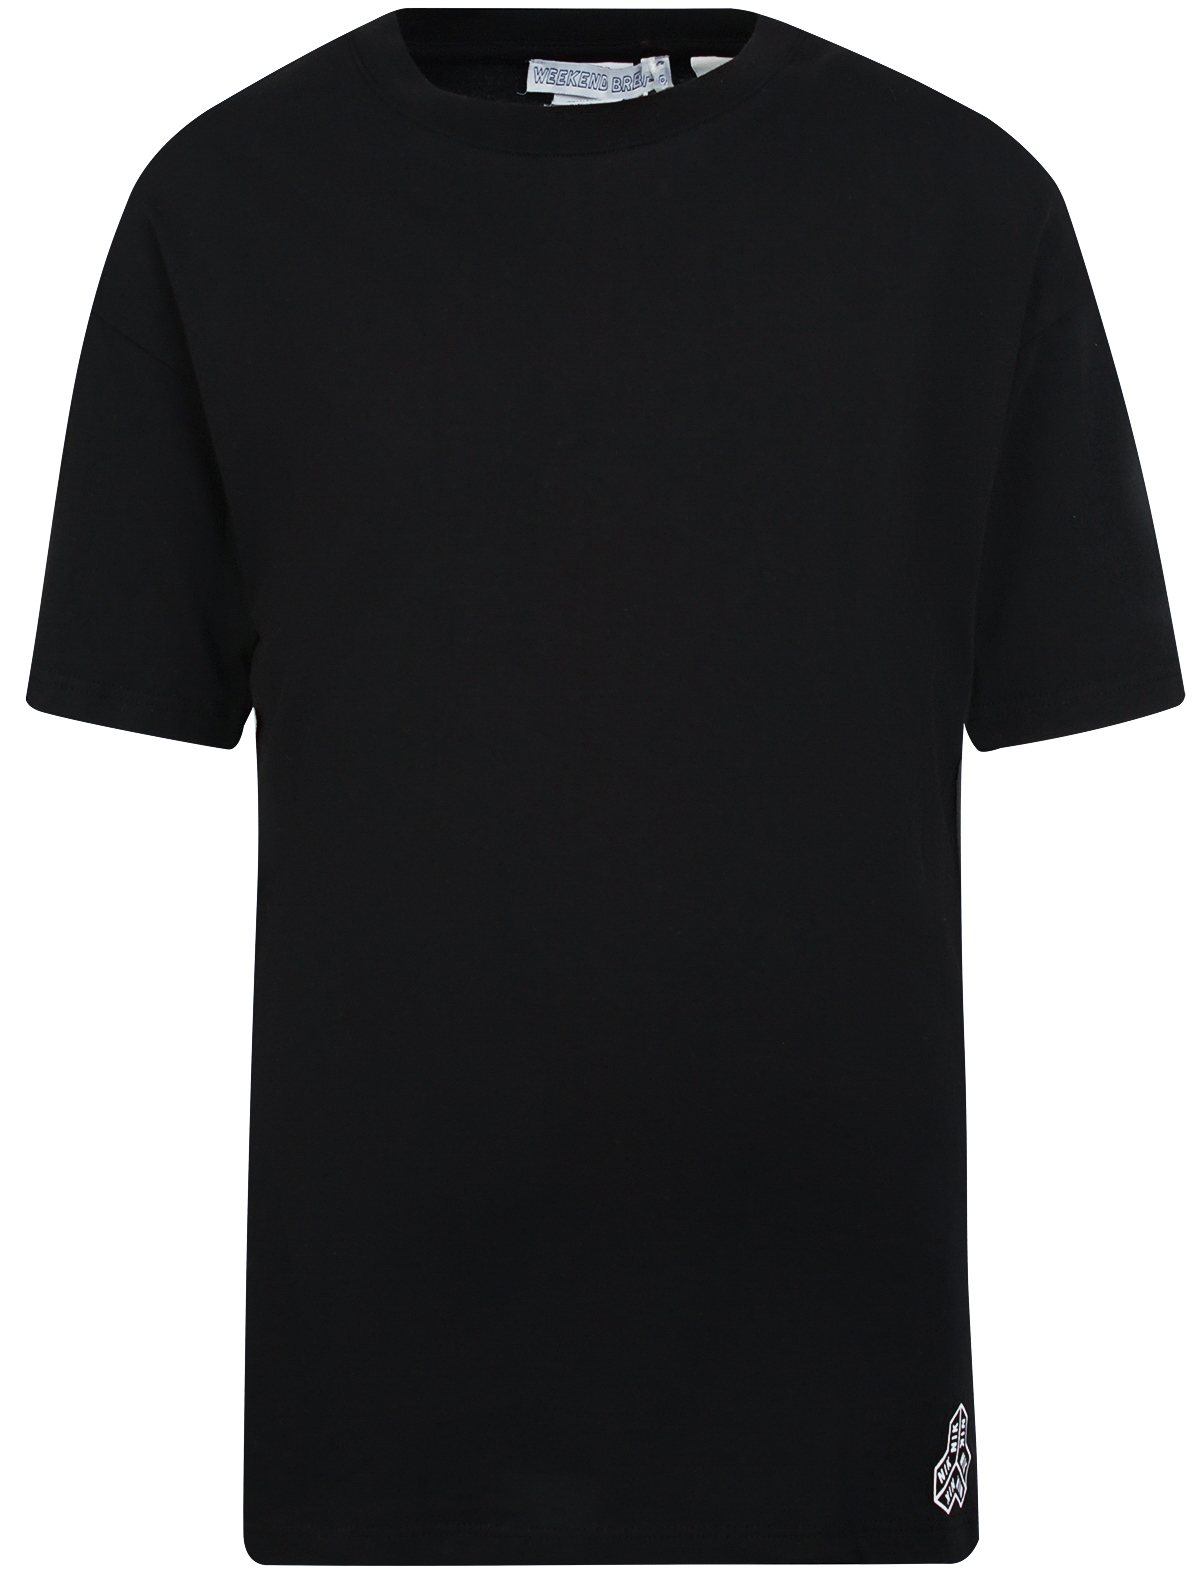 Купить 1990371, Футболка NIK & NIK, черный, Мужской, 1131119970201